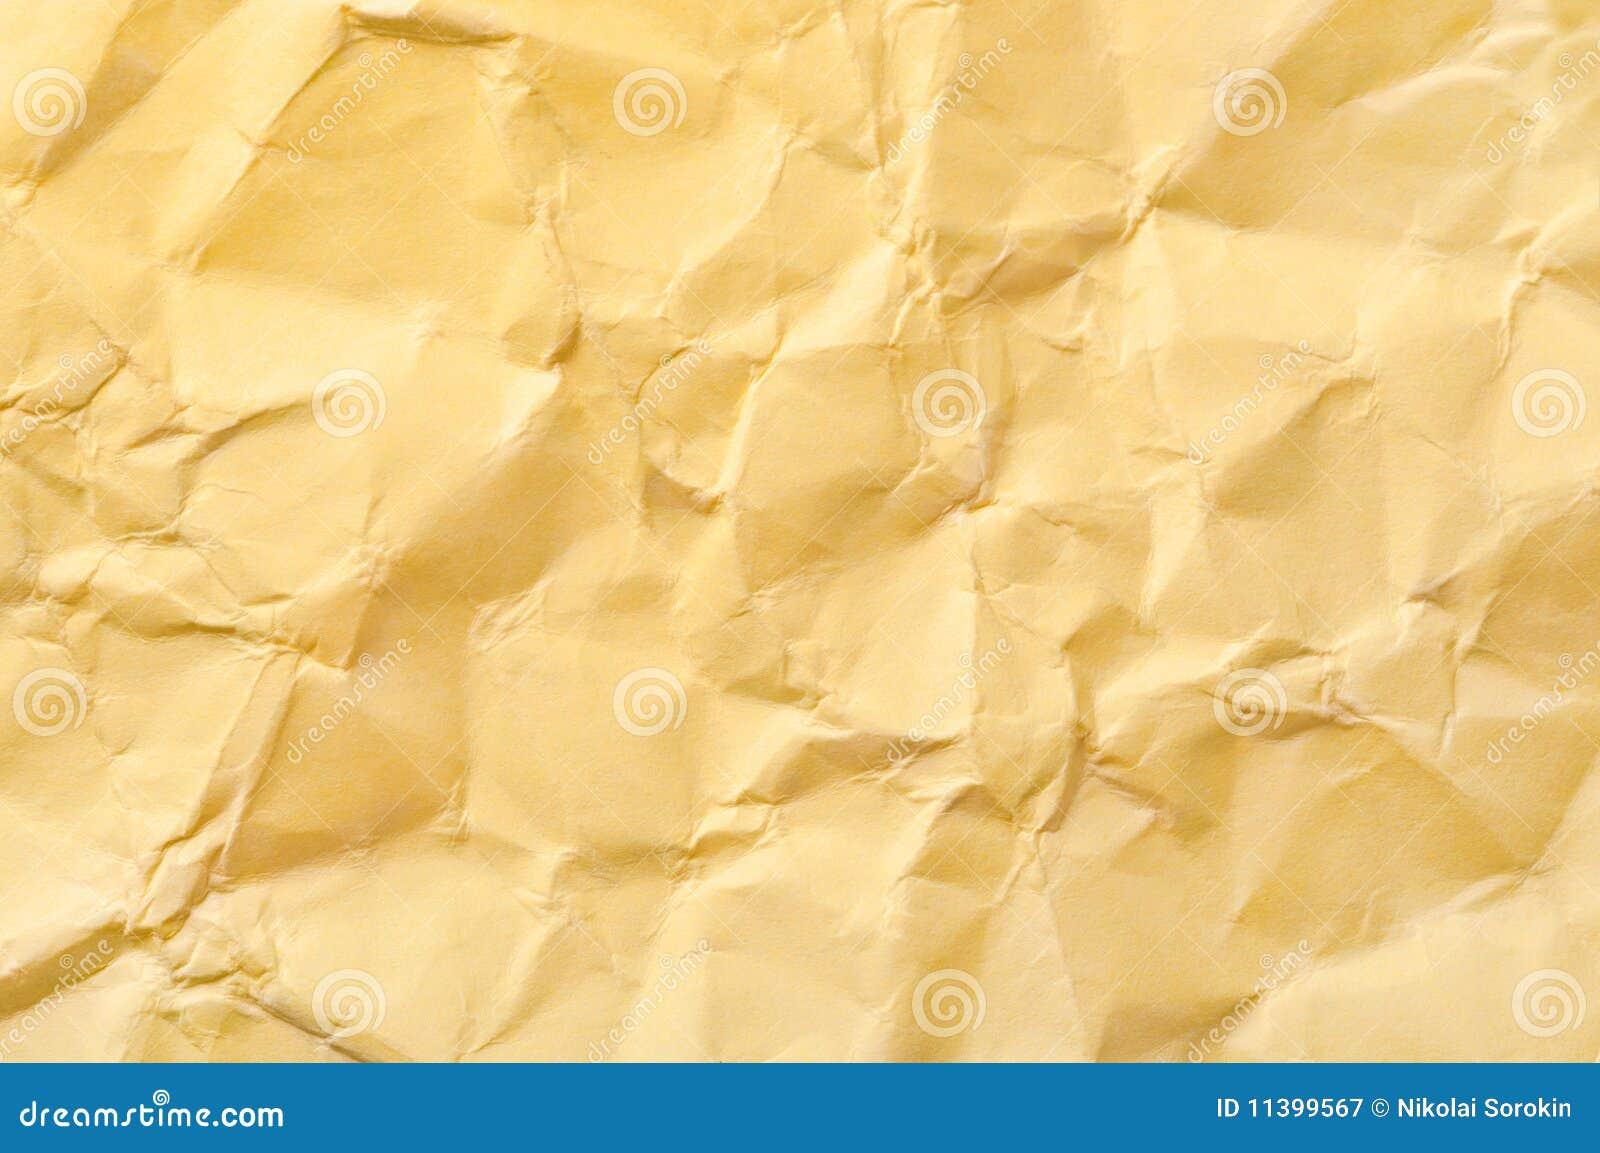 carta da imballaggio sgualcita immagine stock immagine